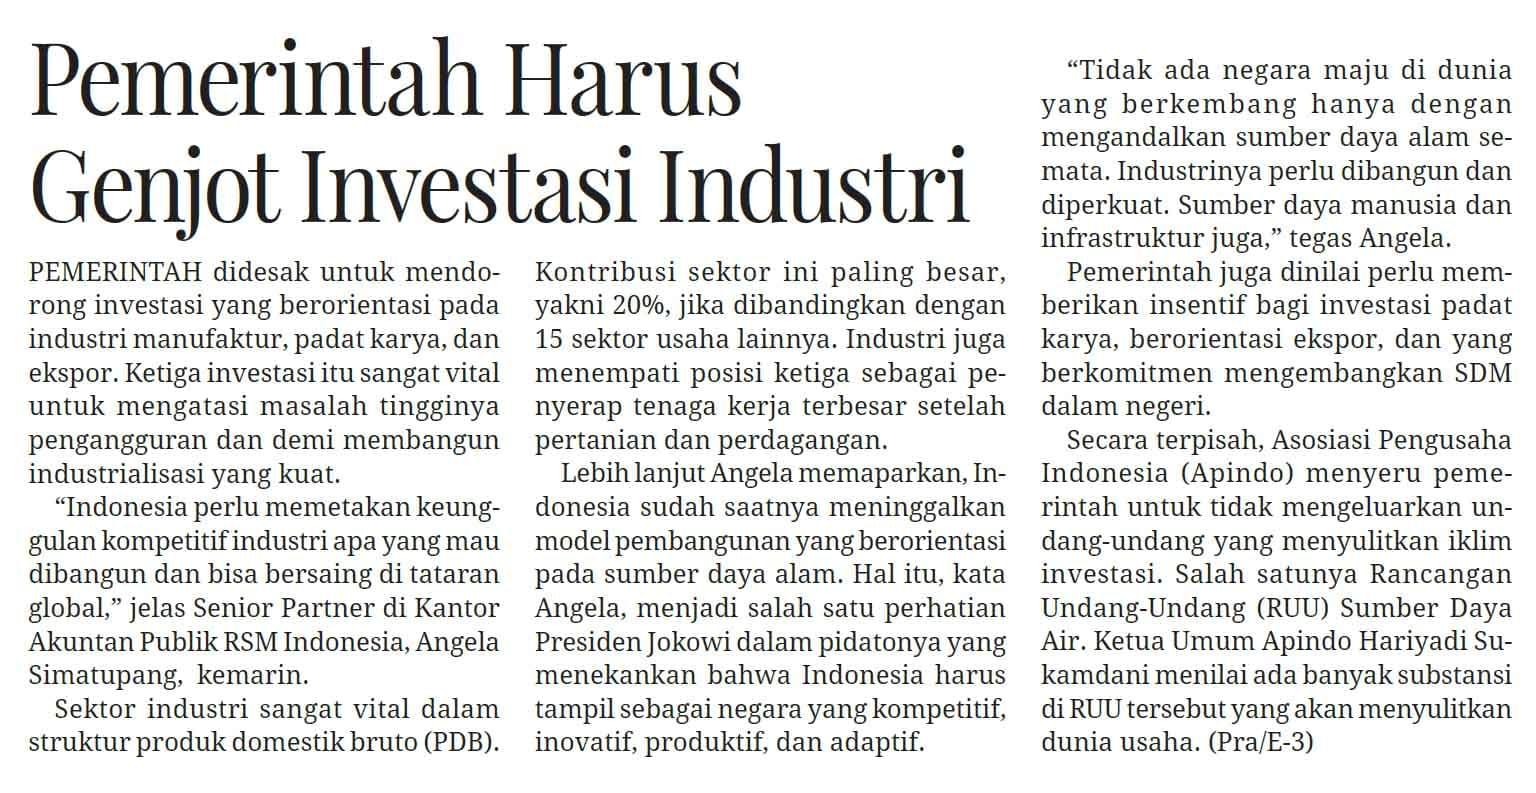 20190724_mediaindonesiahal13_pemerintahharusgenjotinvestasiindustri.jpg